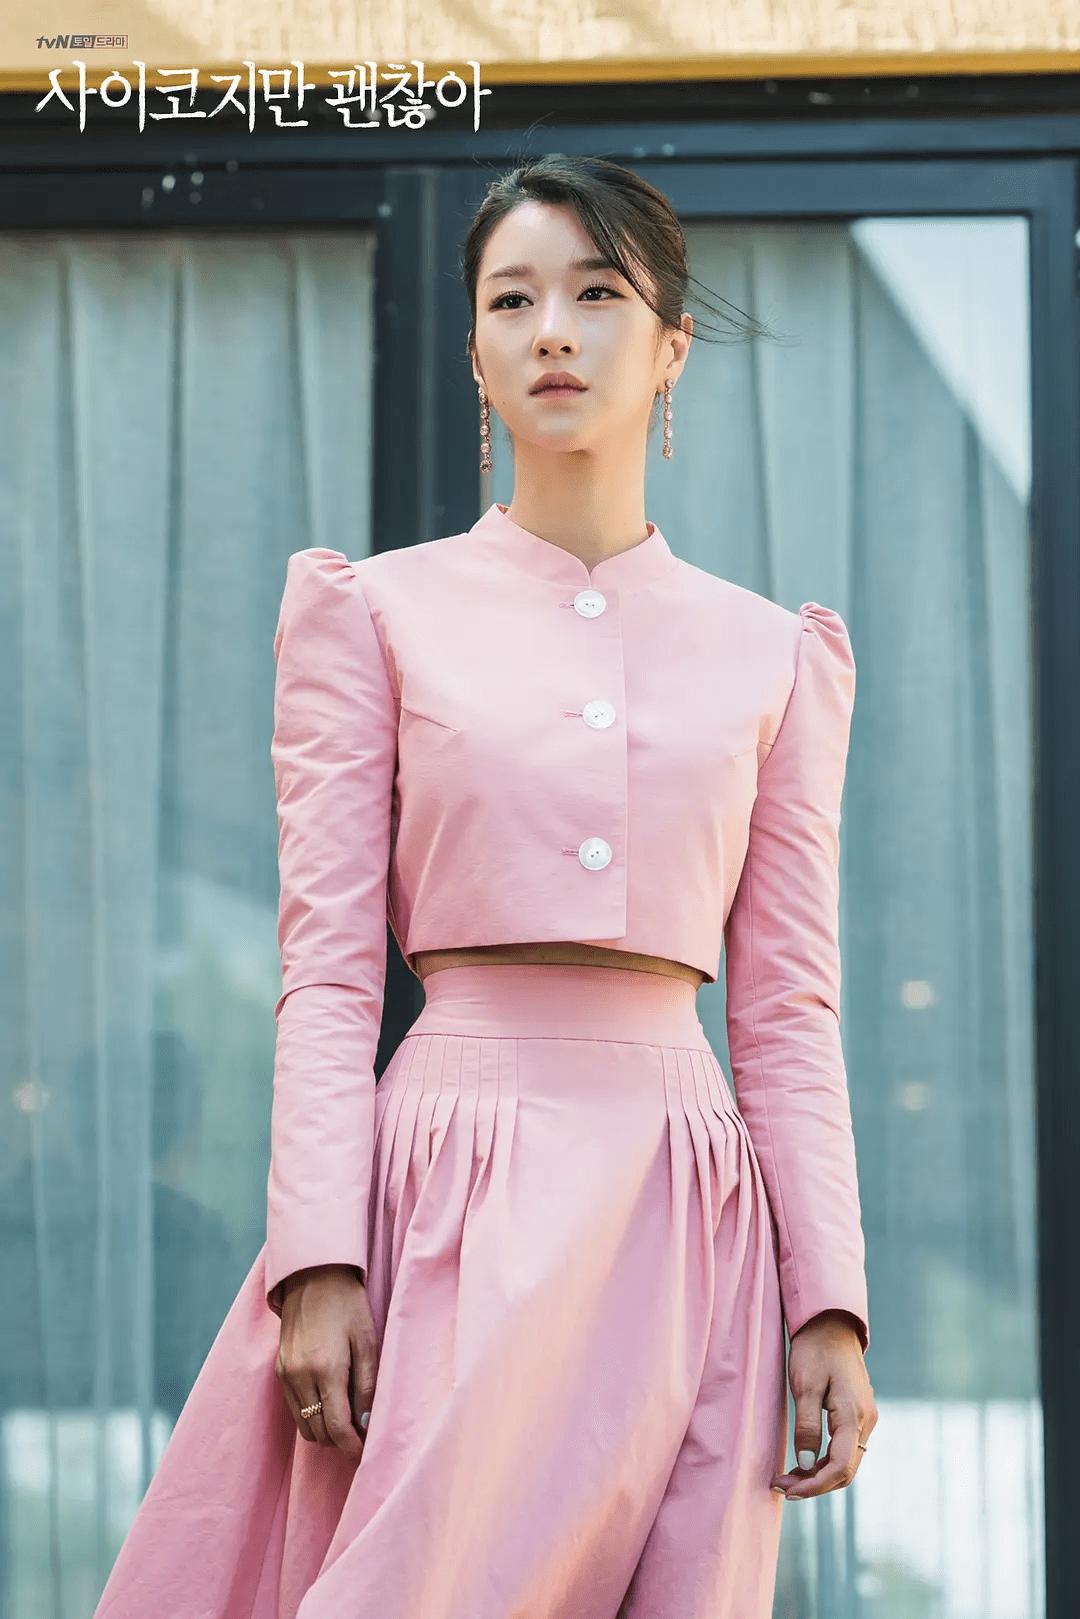 Không khó để nhận ra, trong Điên thì có sao, Seo Ye Ji cũng từng gây sốt với kiểu váy tương tự. Cũng kết hợp áo vest croptop và chân váy cạp cao, nữ diễn viên từng được khen có vòng eo siêu thực. Nhờ Seo Ye Ji lăng xê, kiểu đầm này cũng lập tức trở thành cơn sốt và được hàng loạt cô gái bắt chước.